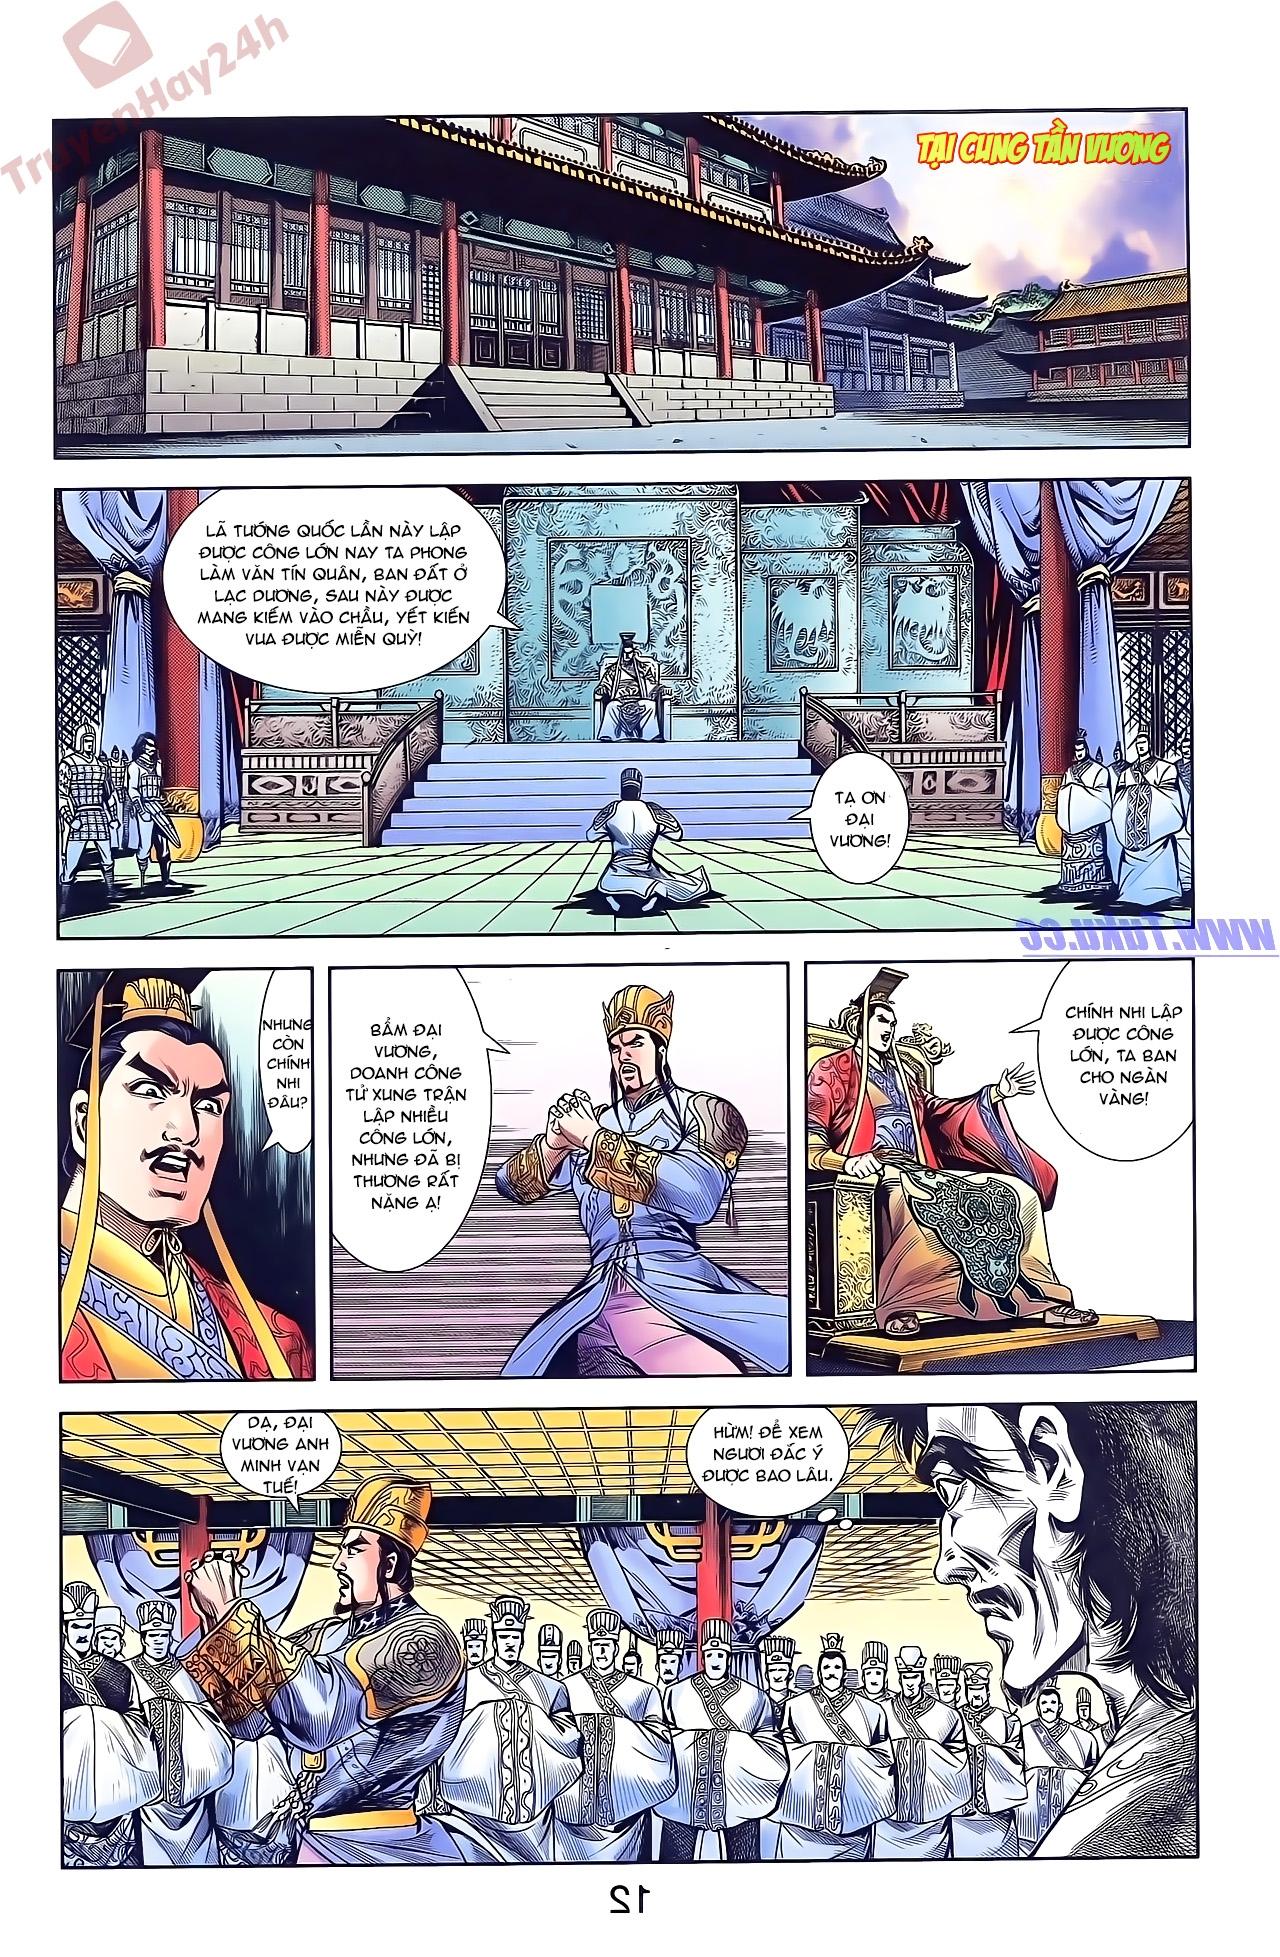 Tần Vương Doanh Chính chapter 50 trang 12